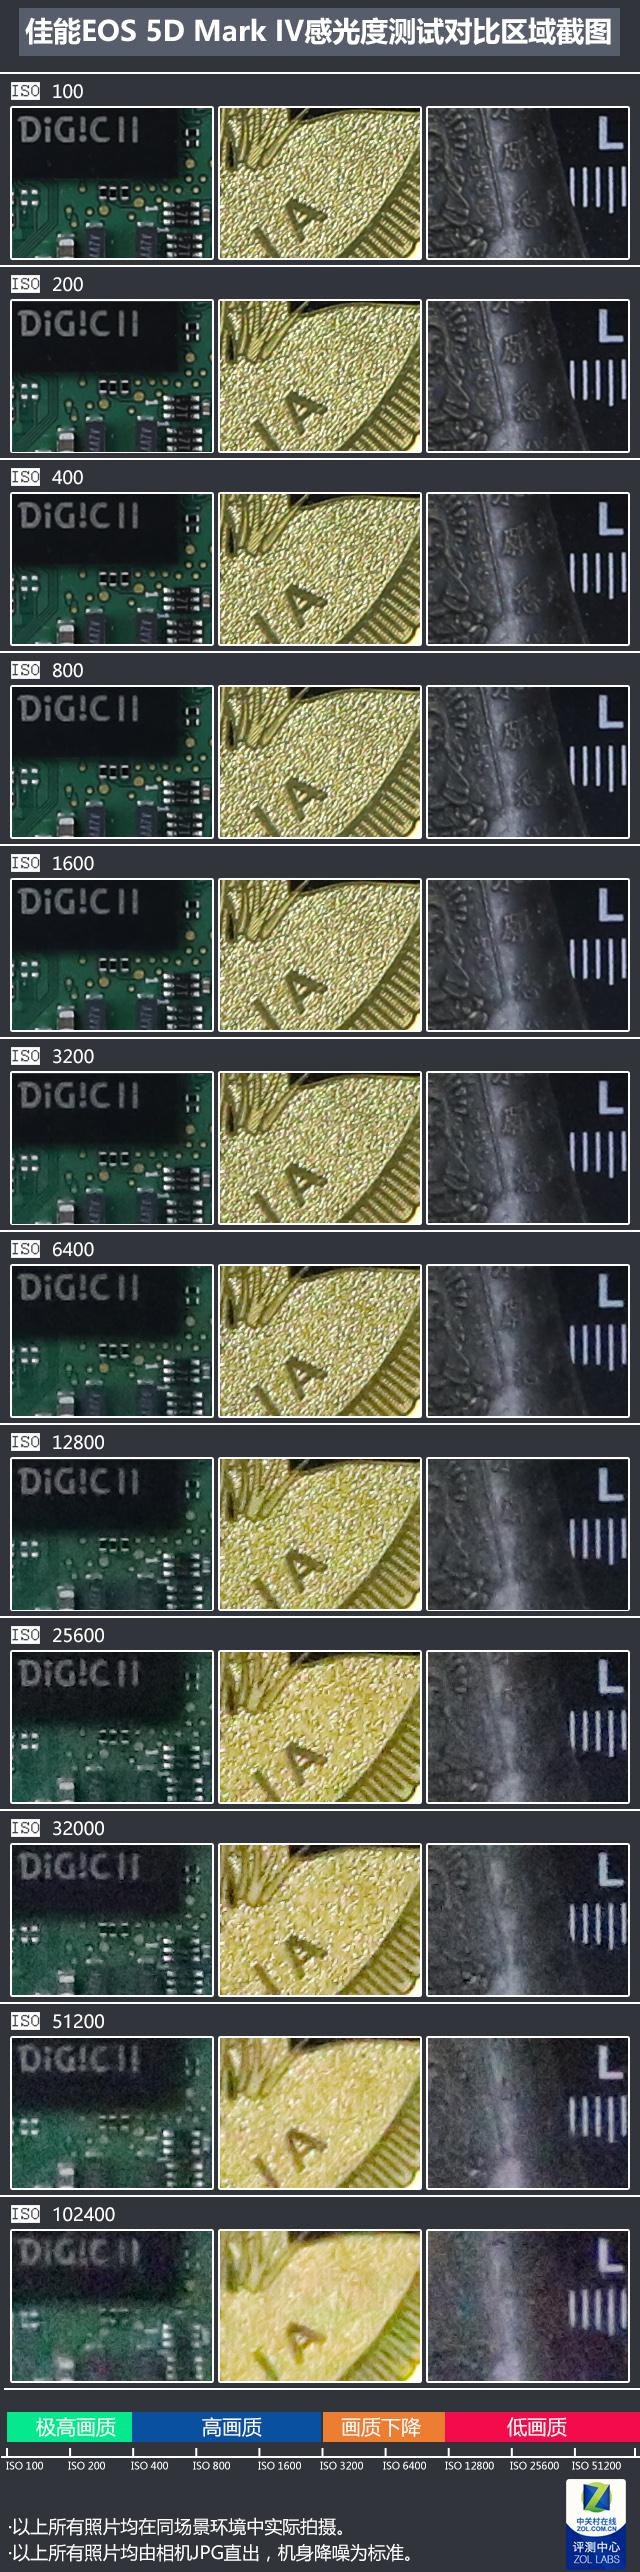 唯均衡更出众!佳能5D Mark IV深度评测